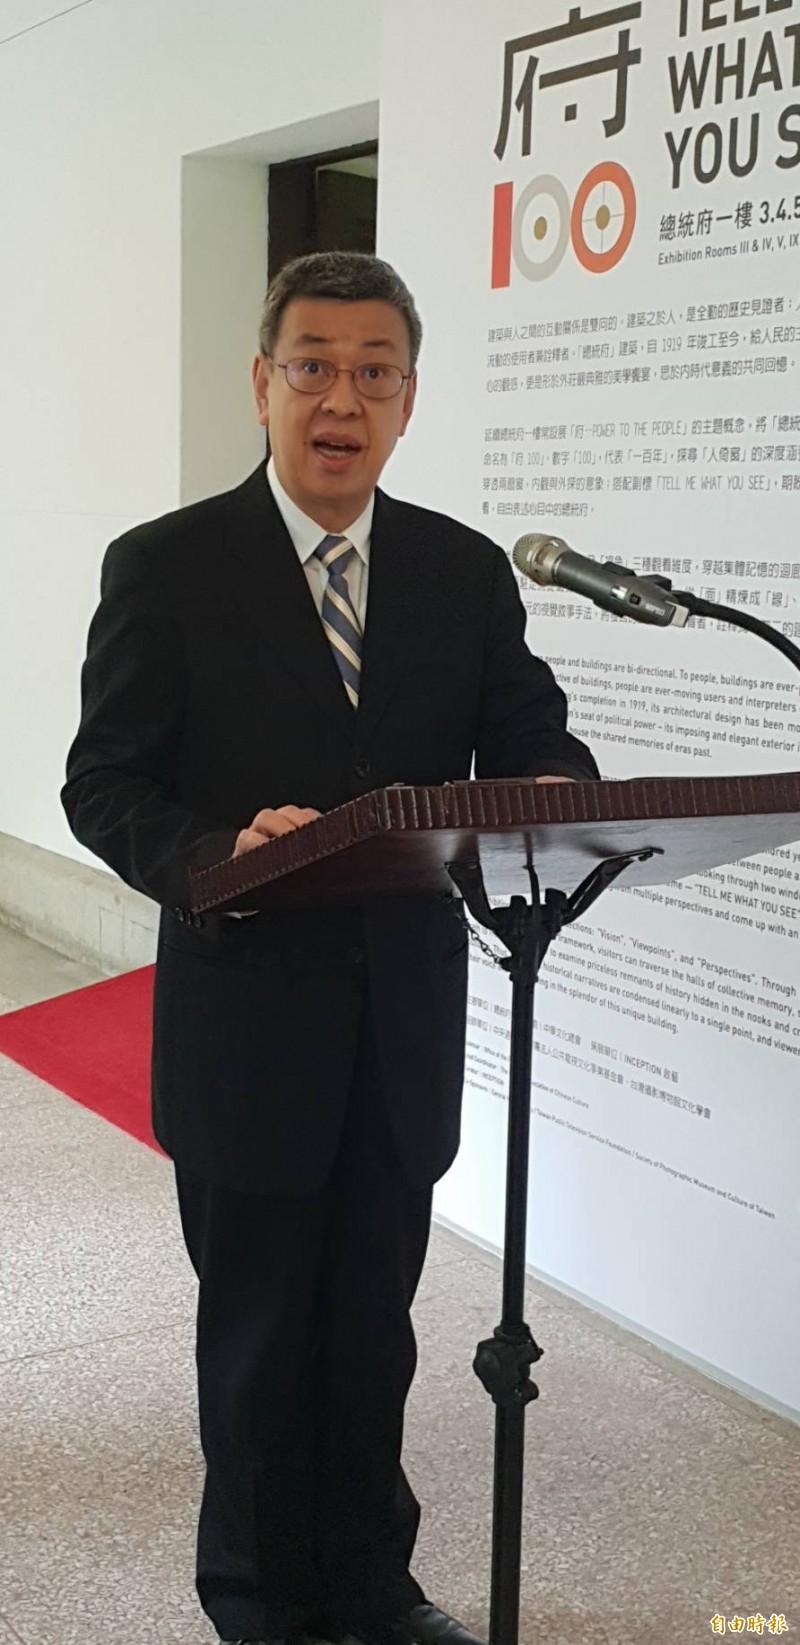 總統府百年特展明天開始,副總統陳建仁舉行記者會呼籲民眾到總統府參觀。(記者李欣芳攝)